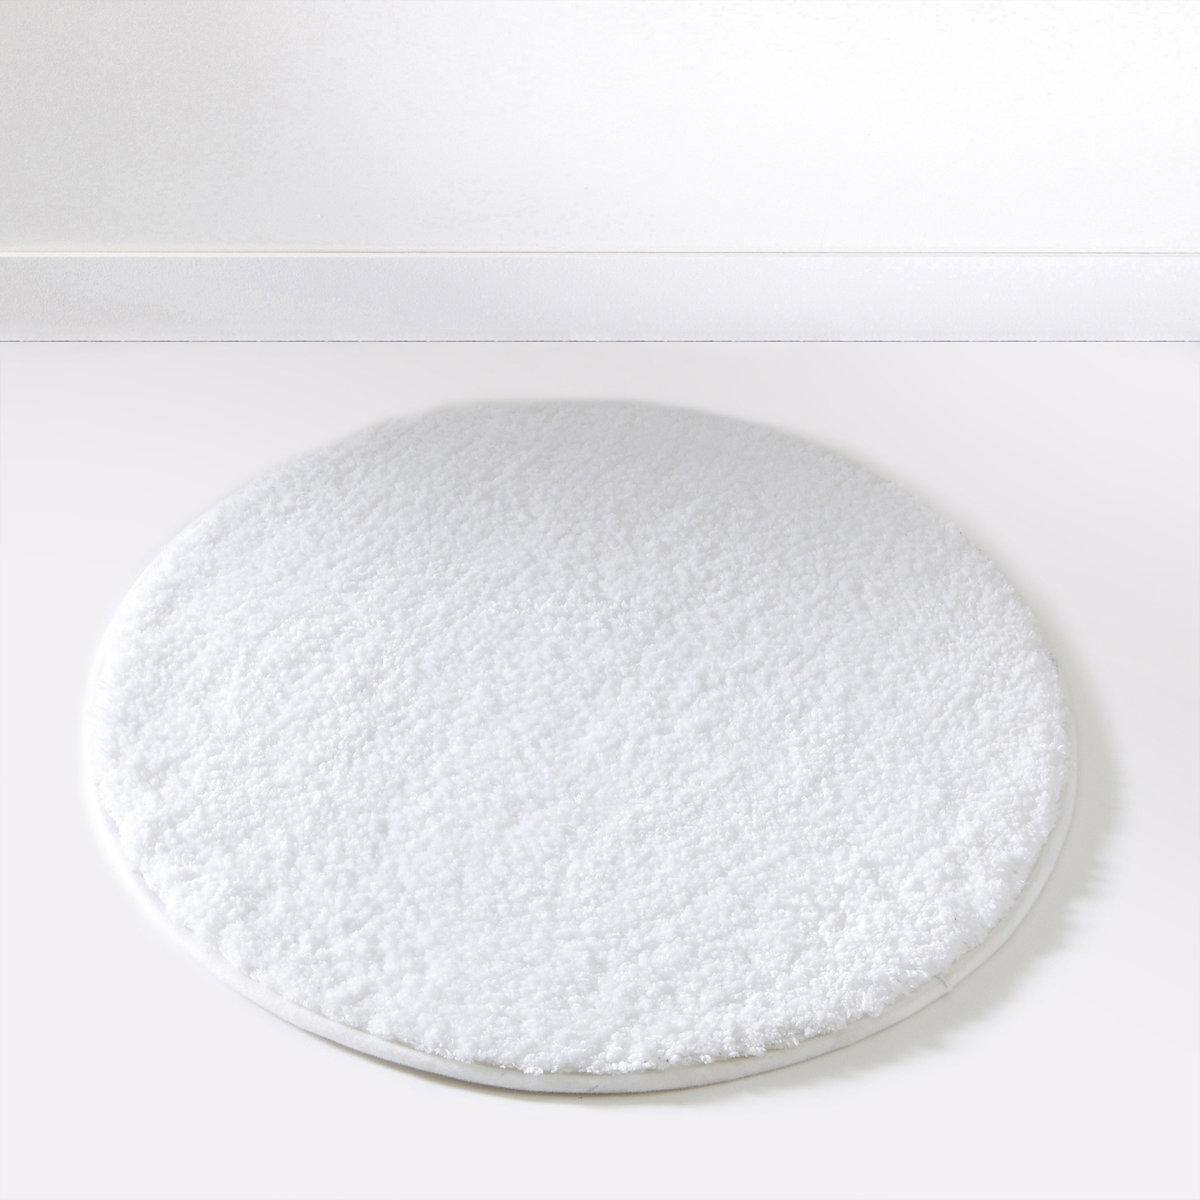 Коврик для ванной SCENARIOОчень удобный толстый коврик для использования рядом с душем или ванной, великолепное качество от Sc?nario, - это гарантия удовольствия, которое останется с вами надолго.Состав коврика для ванной Scenario:Пушистая одноцветная микрофибра, 1500 г/м2.100% полиэстера.Диаметр коврика для ванной Scenario:60 см, 7 цветов: бежевый / белый / голубой / темно-серый / черный / зеленый анисовый / фиолетовый сливовый.<br><br>Цвет: белый<br>Размер: единый размер